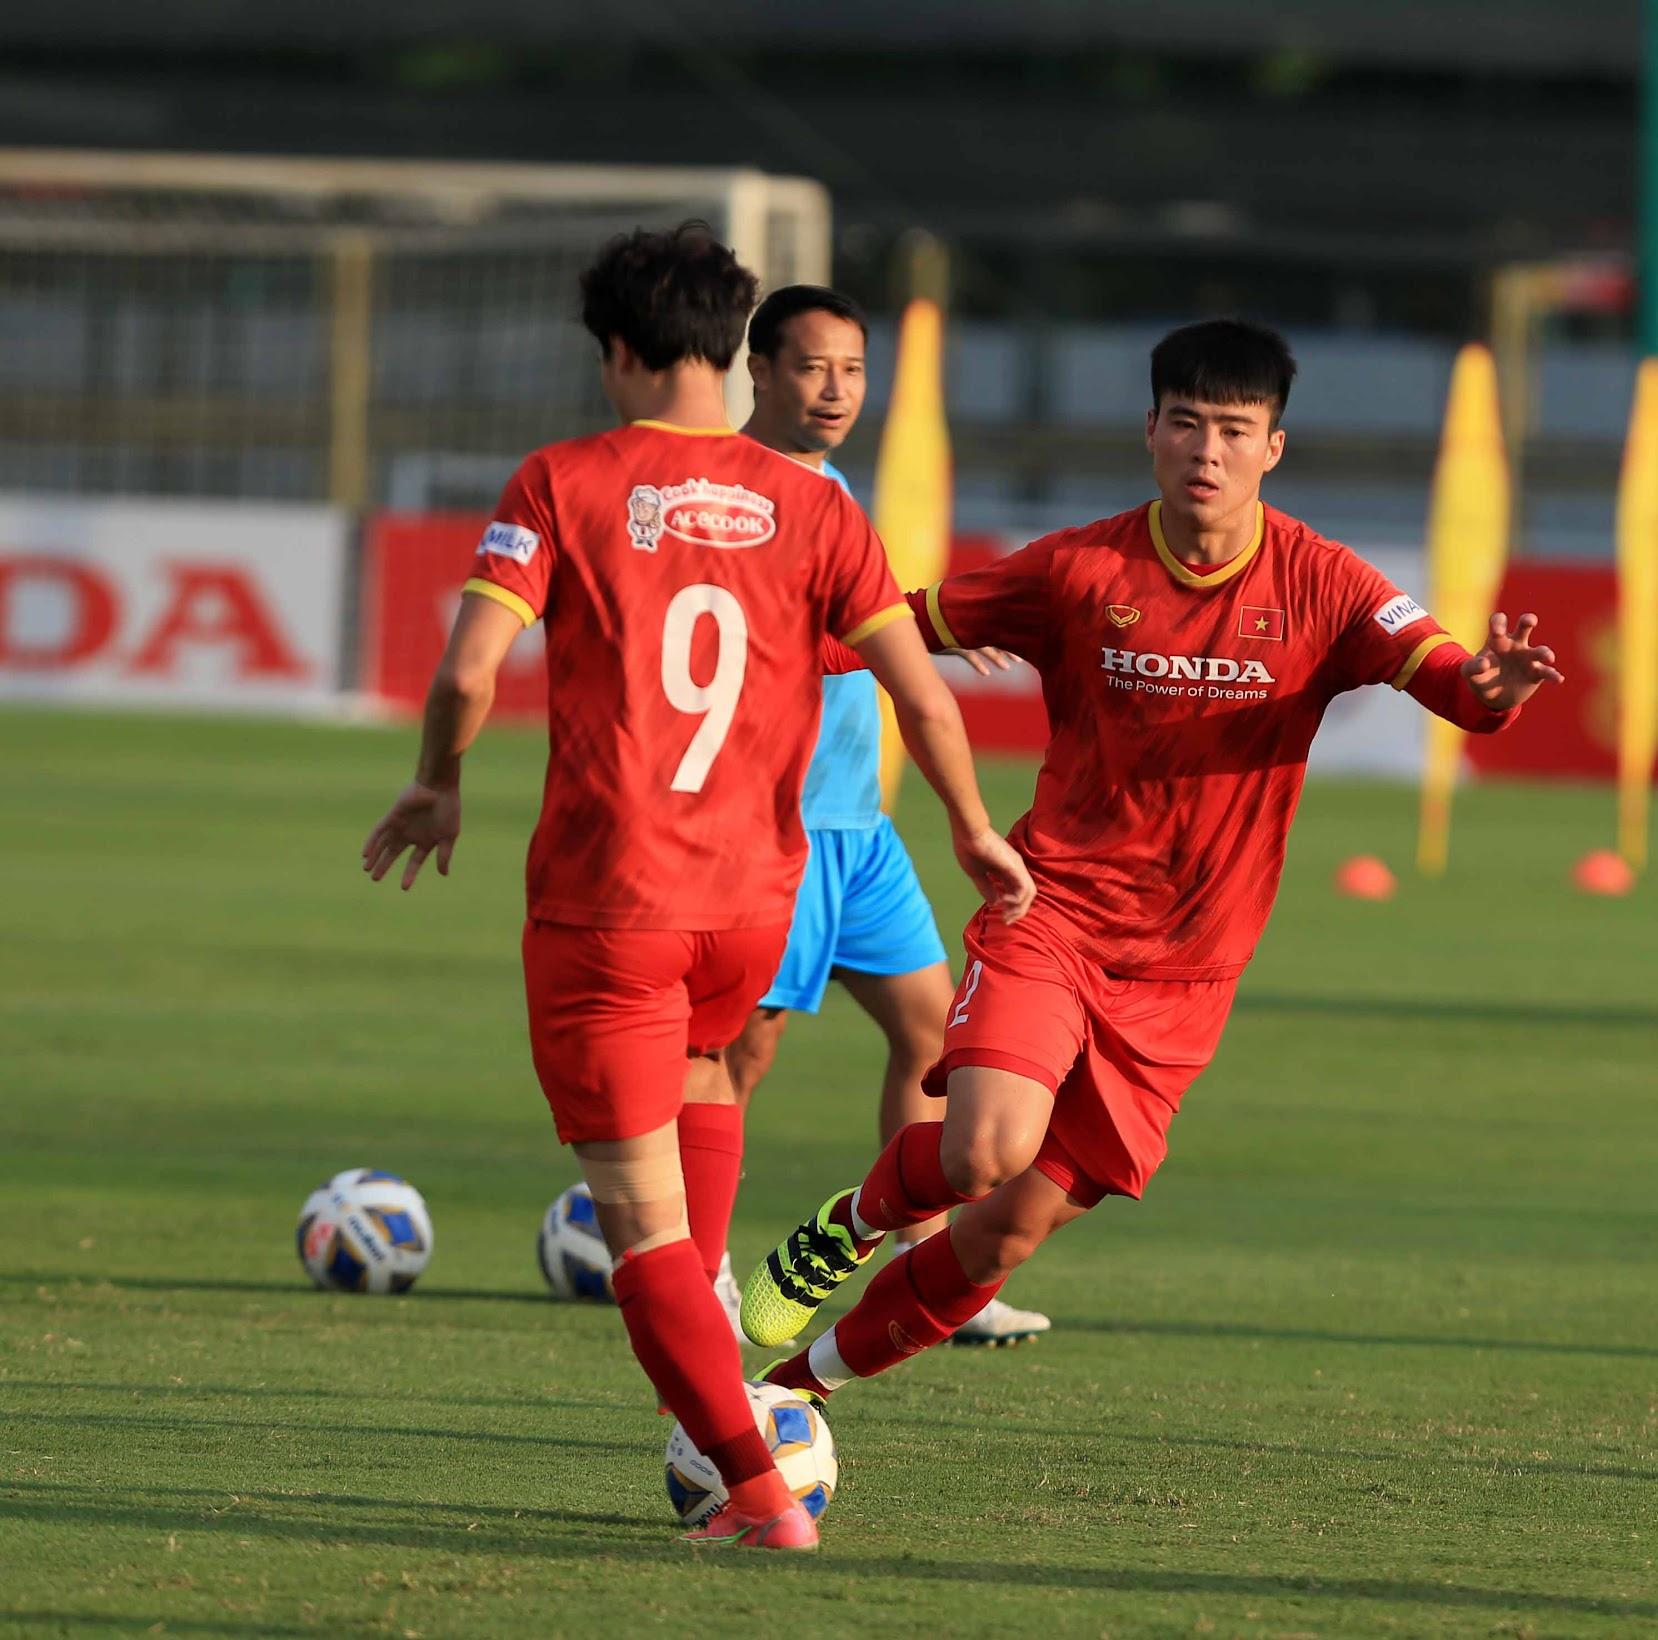 """Tuyển Việt Nam hãy bước vào vòng loại thứ 3 Wolrd Cup 2022 với tinh thần """"Trần Minh Vương"""" - Ảnh 3."""